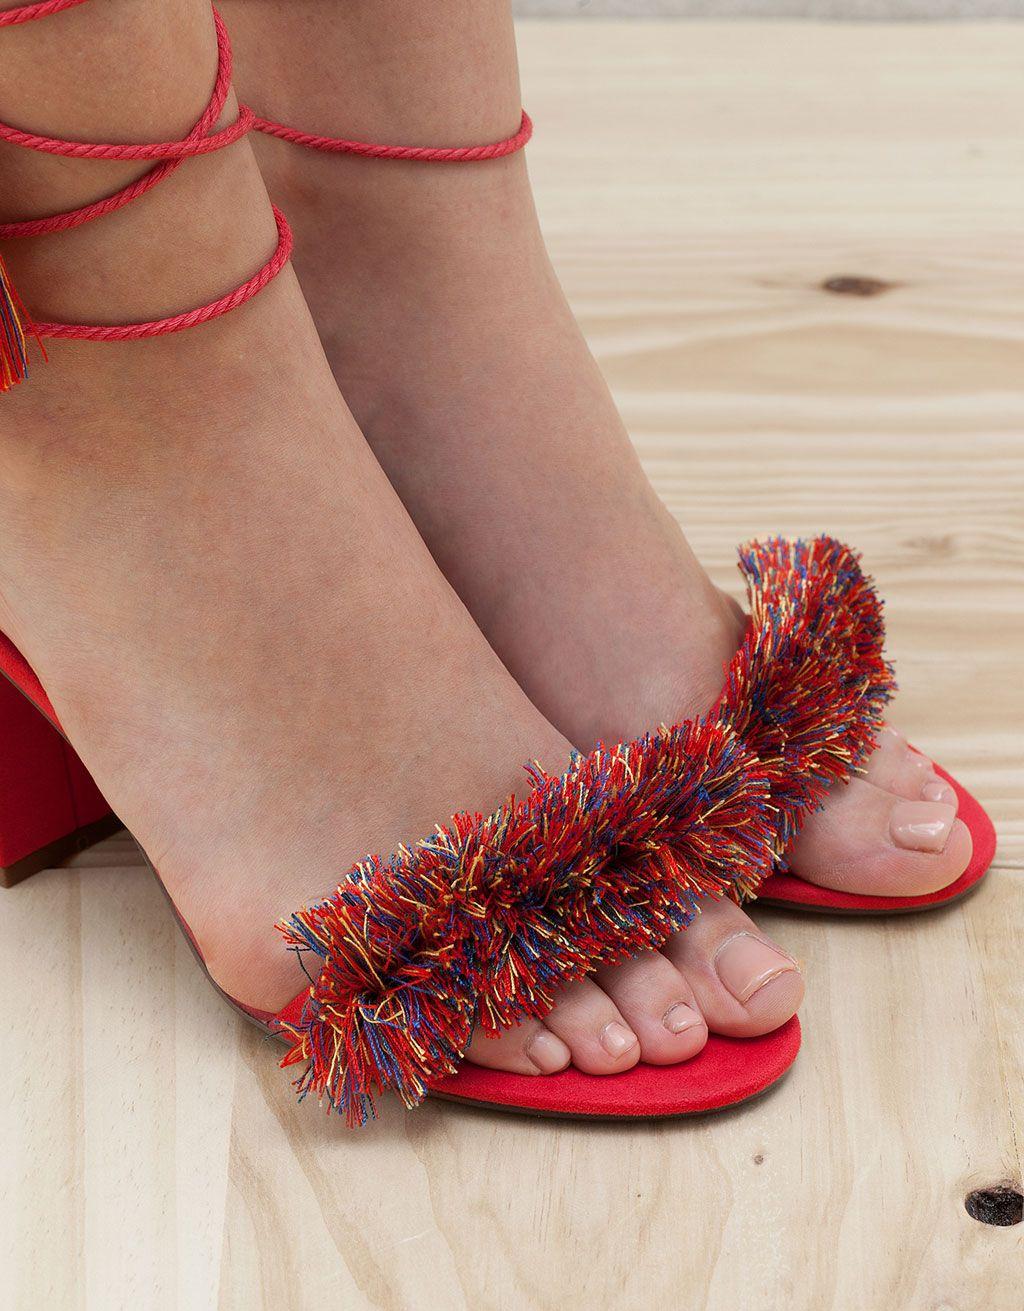 2ff687b951d Sandalia Tacón Multicolor Pompones. Descubre ésta y muchas otras prendas en  Bershka con nuevos productos cada semana